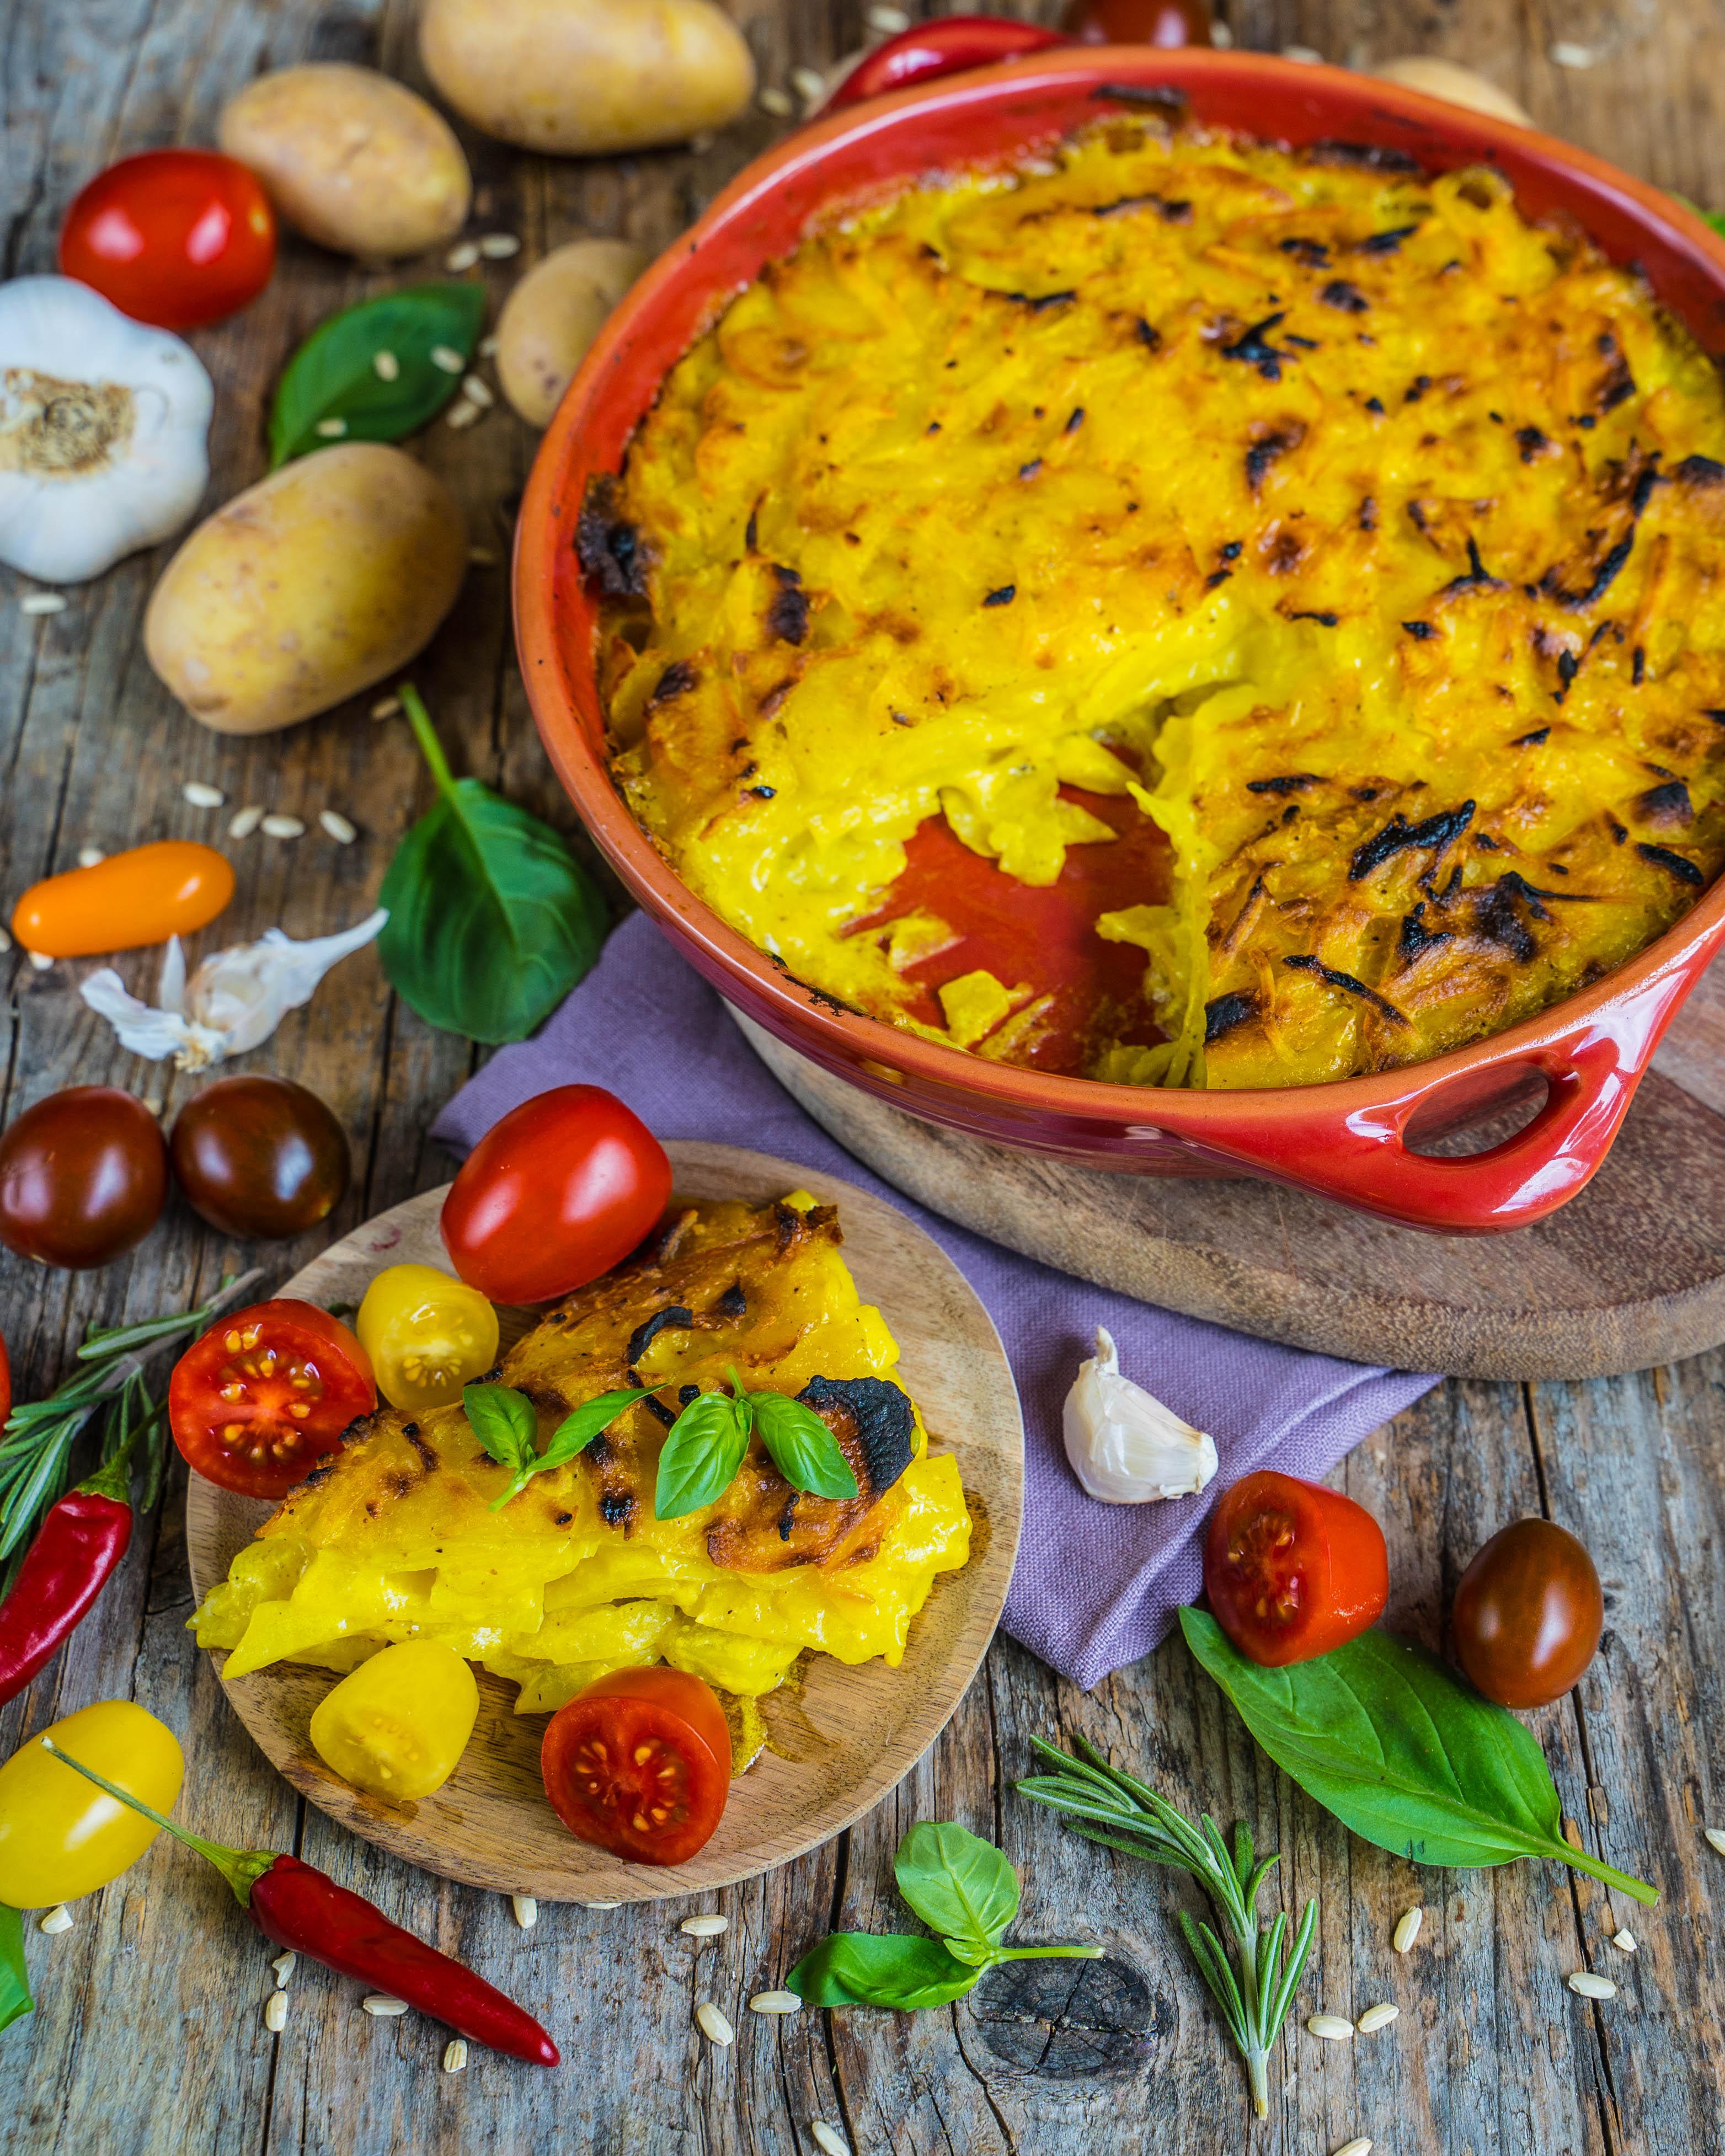 Kartoffel Gratin vegan Mrs Flury gesund vegan gesund essen familienrezent